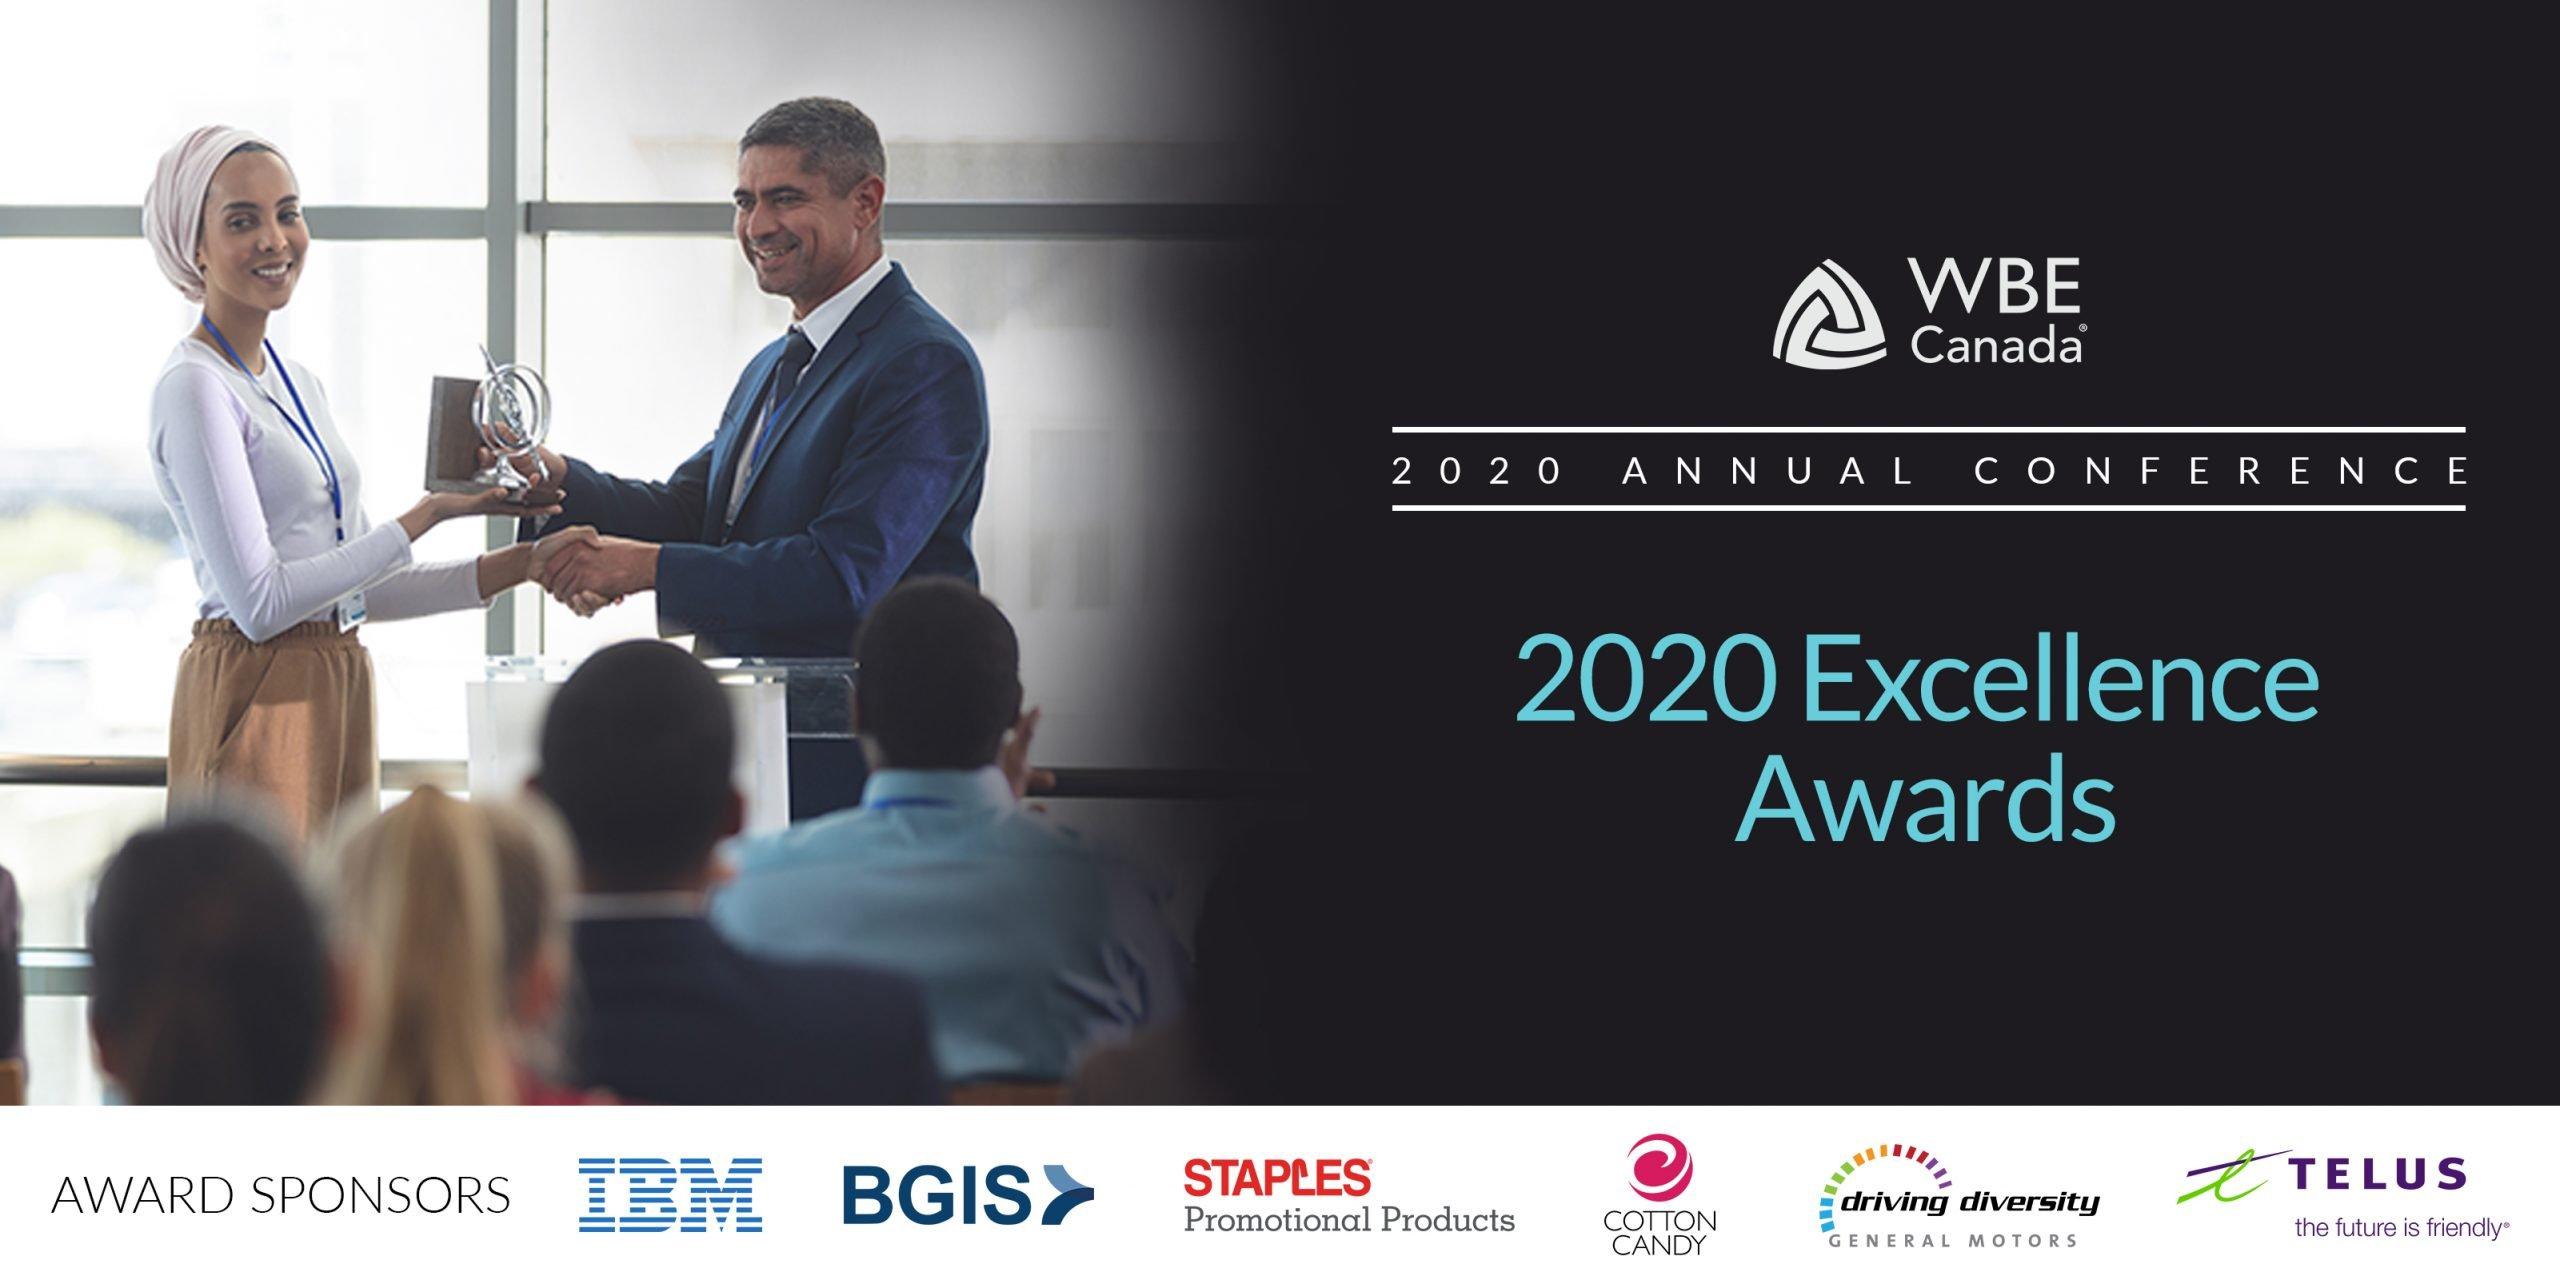 2020 WBE Canada Excellence Awards